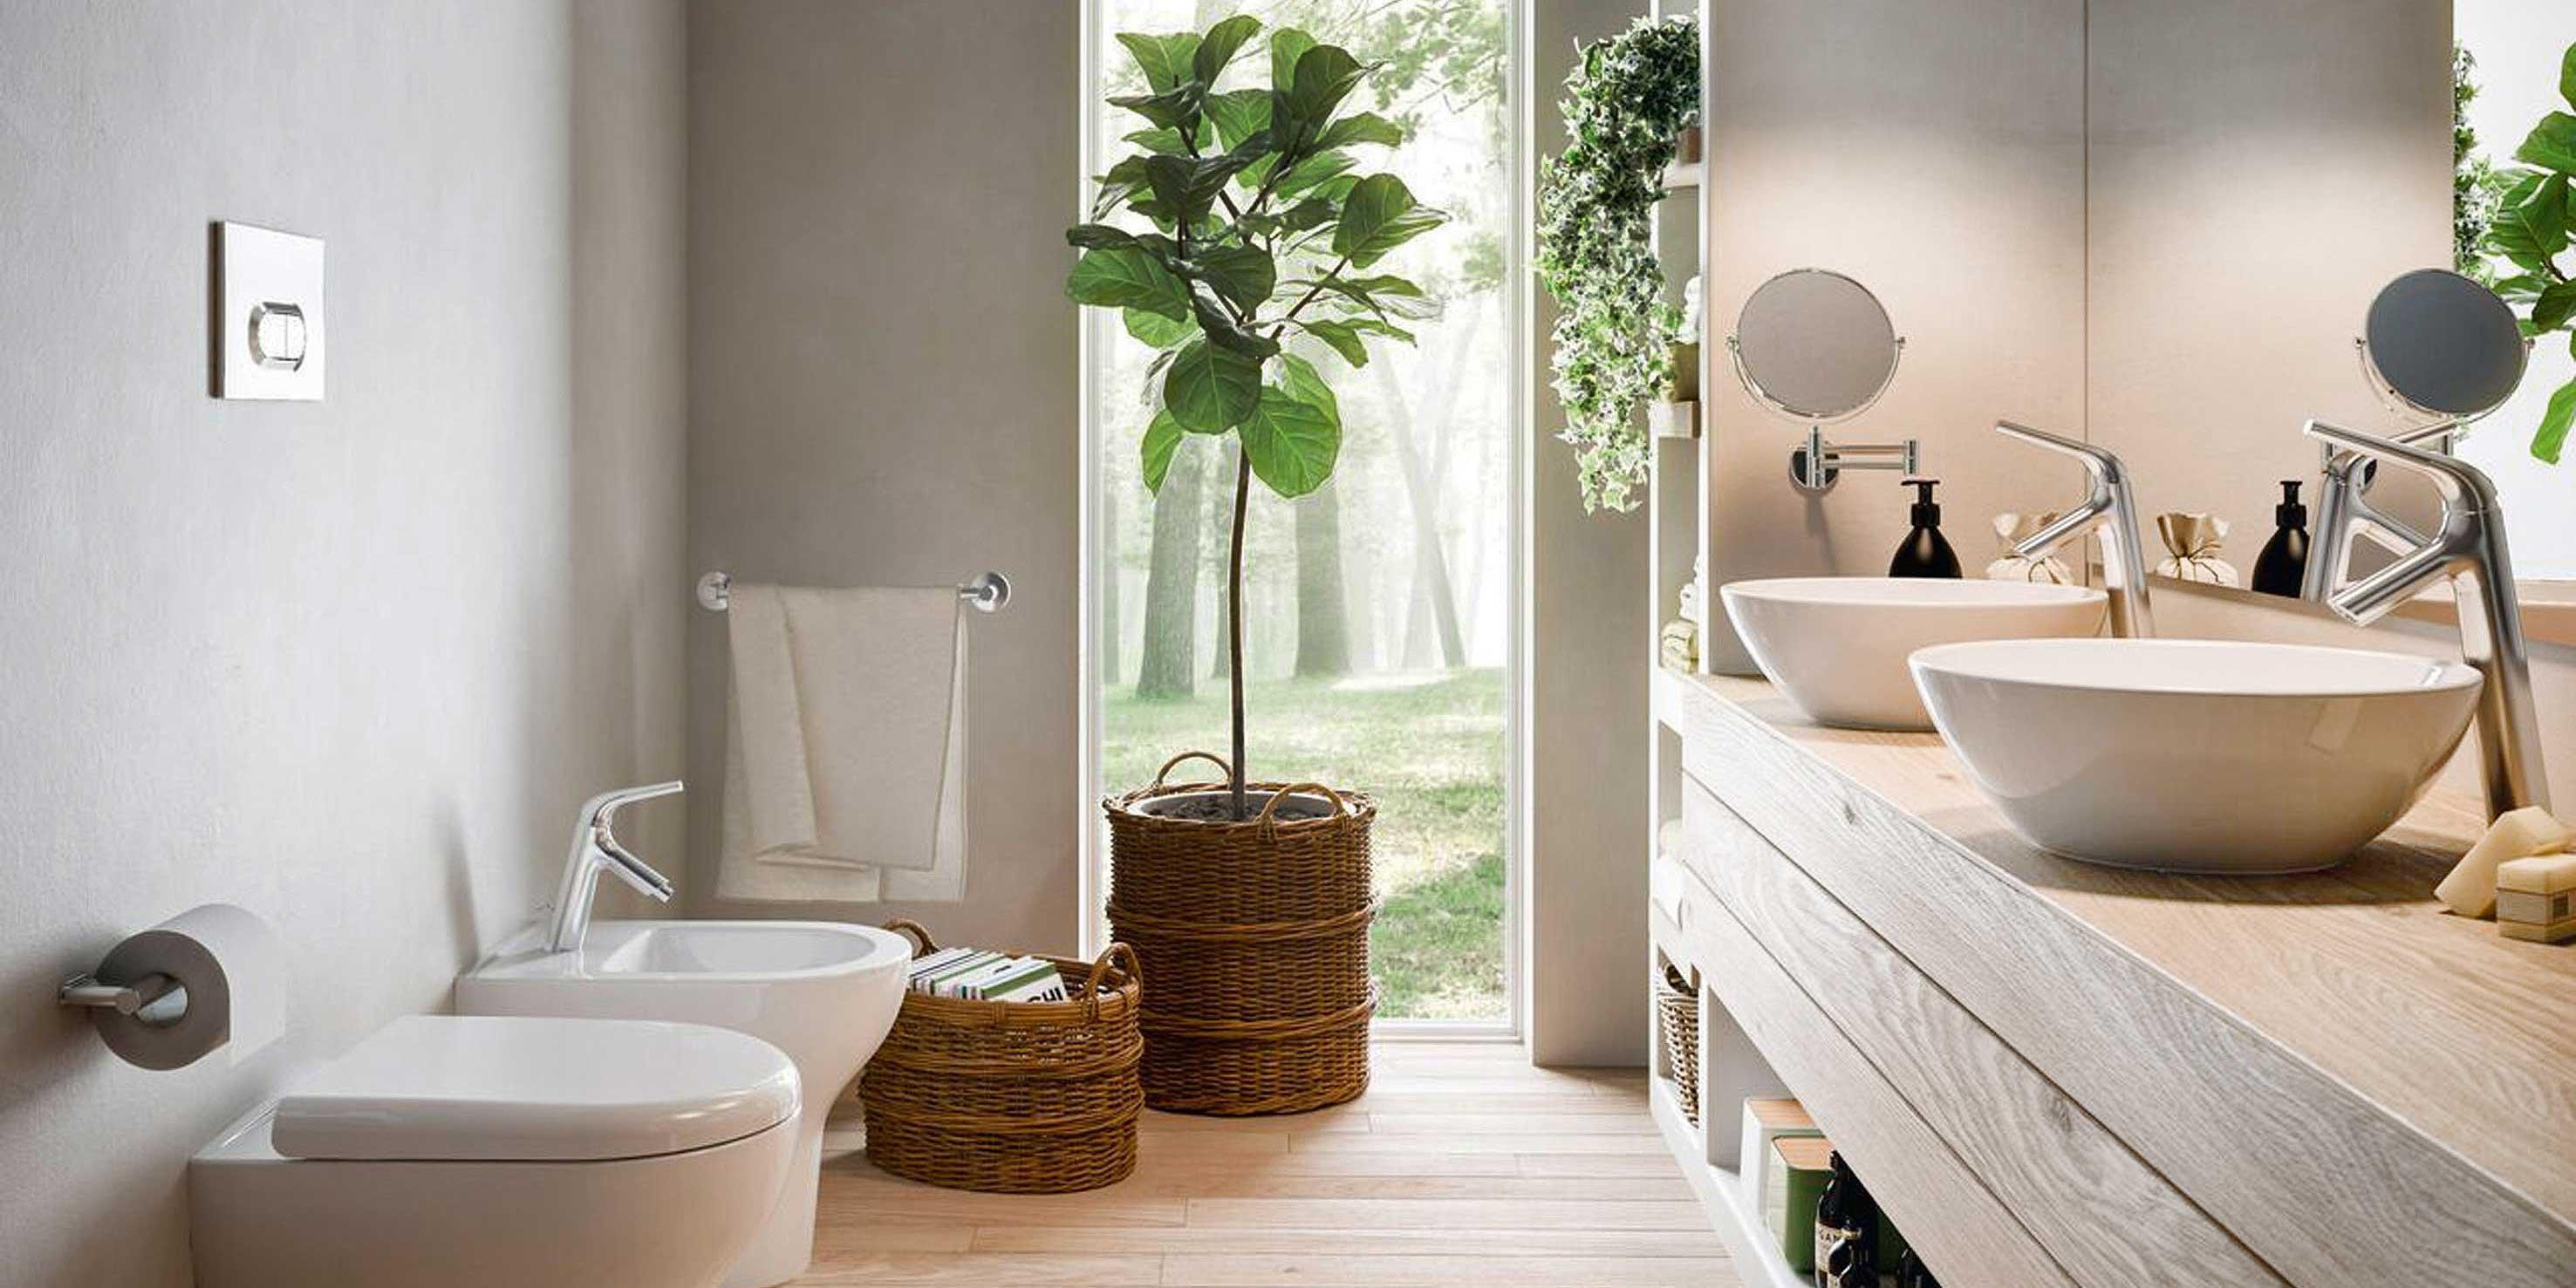 Piante per arredare il bagno cose di casa - Piante da bagno ...